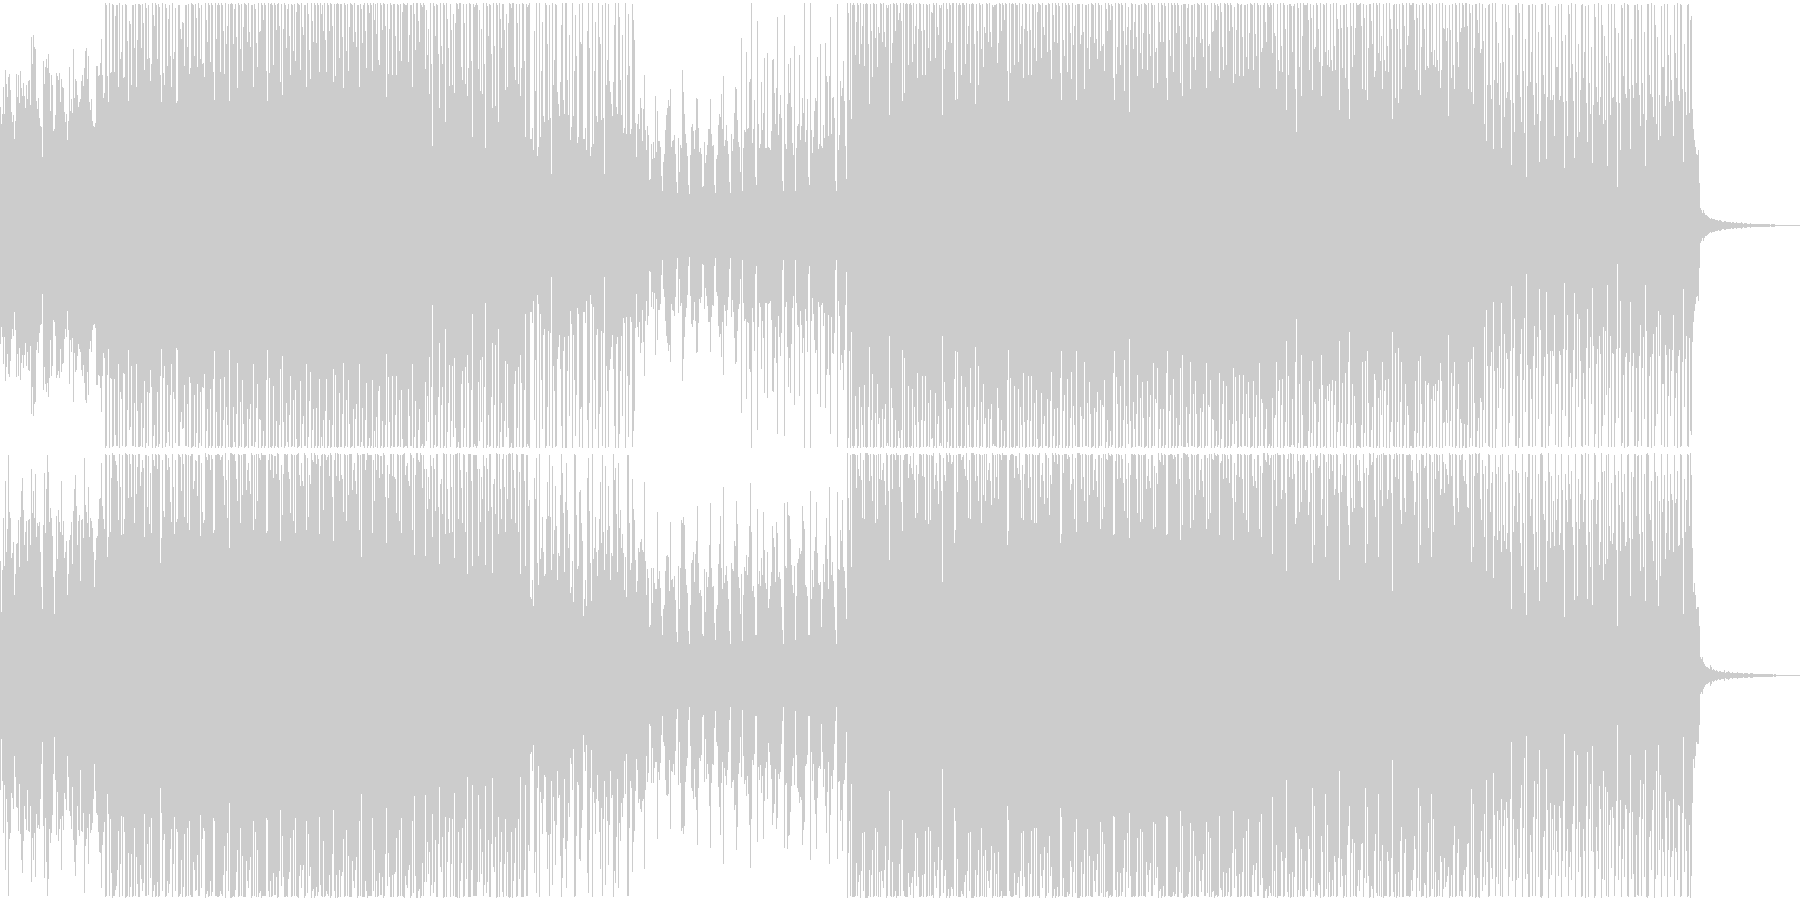 不思議 サイエンス 報道 ニュース 番組の未再生の波形